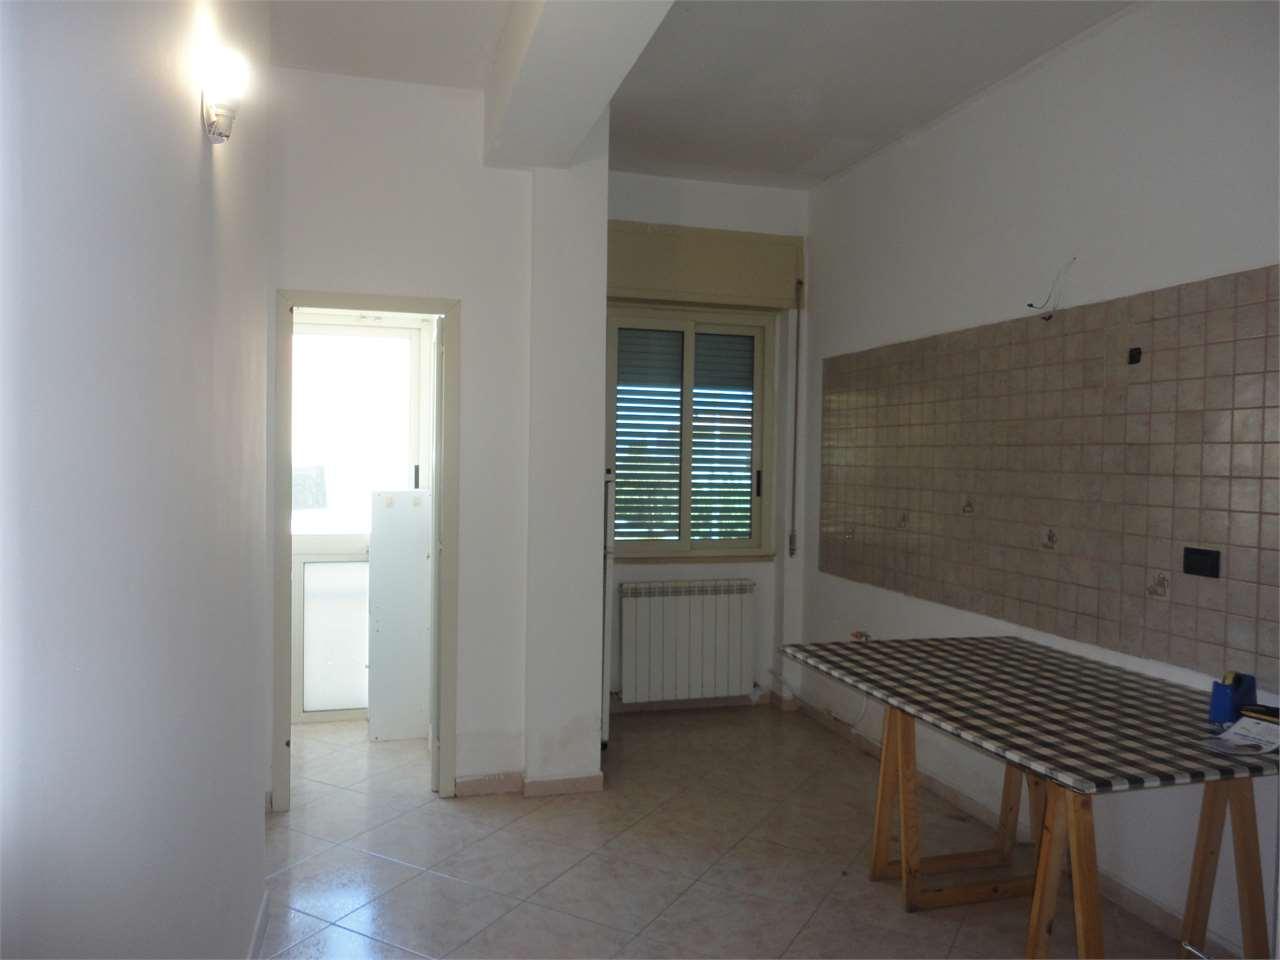 Appartamento in vendita a Cosenza, 3 locali, prezzo € 63.000 | Cambio Casa.it